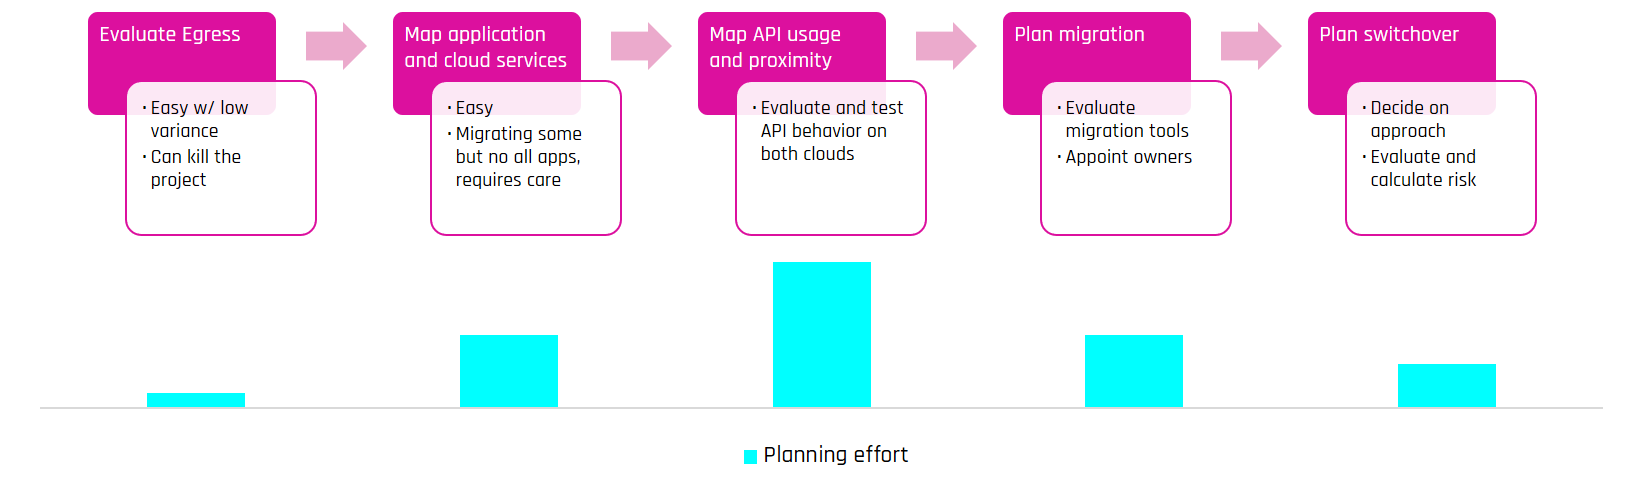 cloud migration points stages